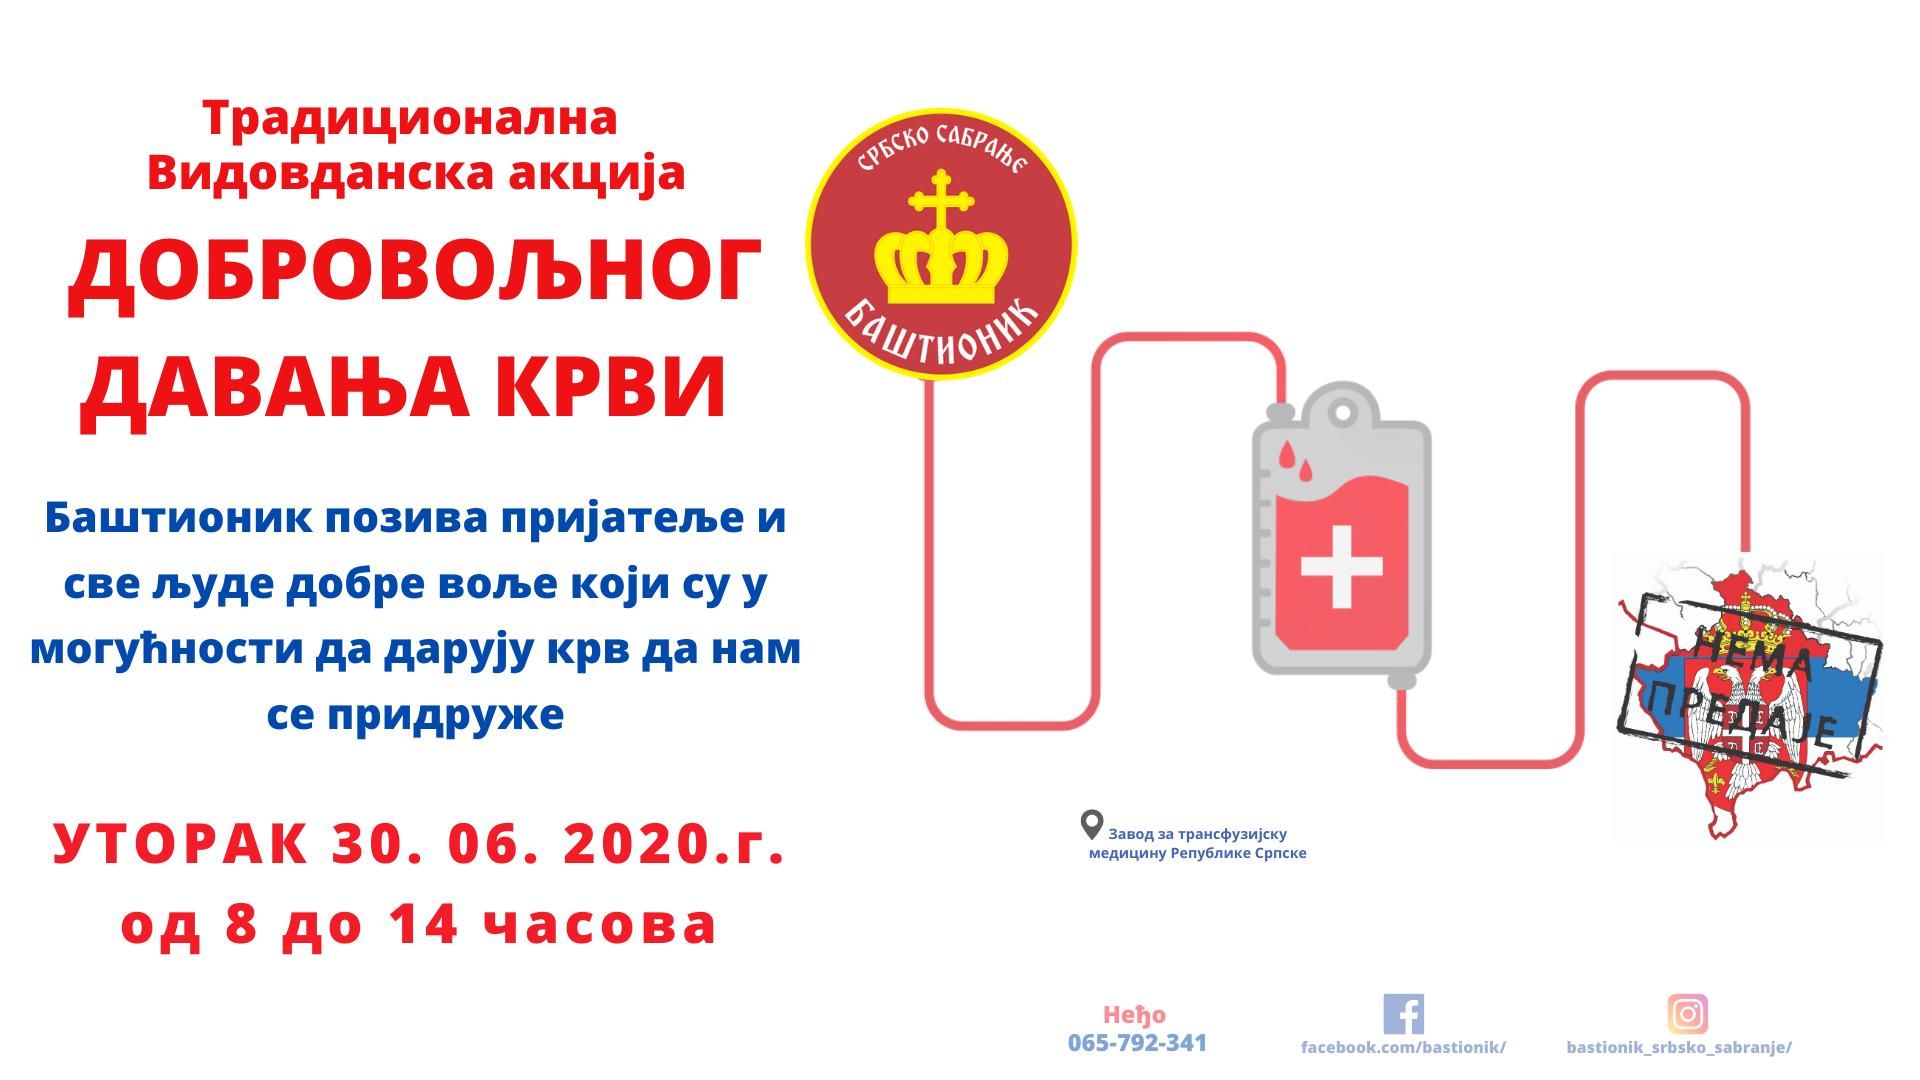 Дарујте крв и помозите